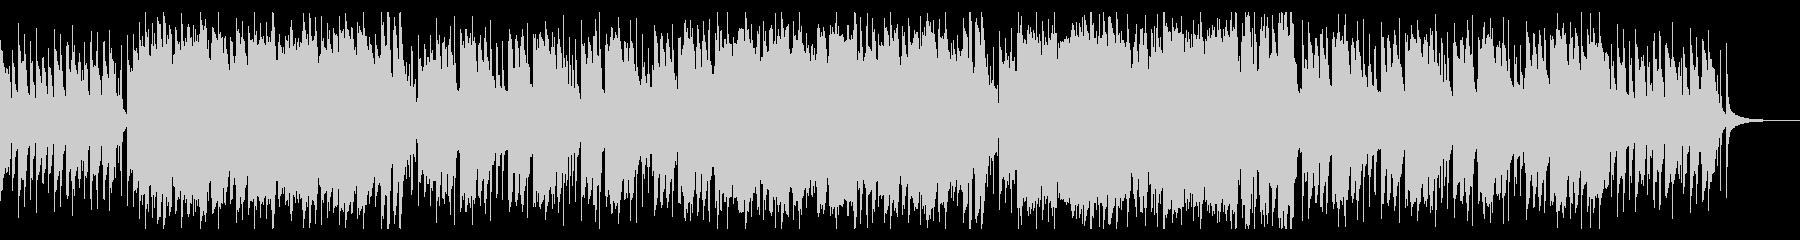 ダークで軽快なワルツのハロウィンBGMの未再生の波形